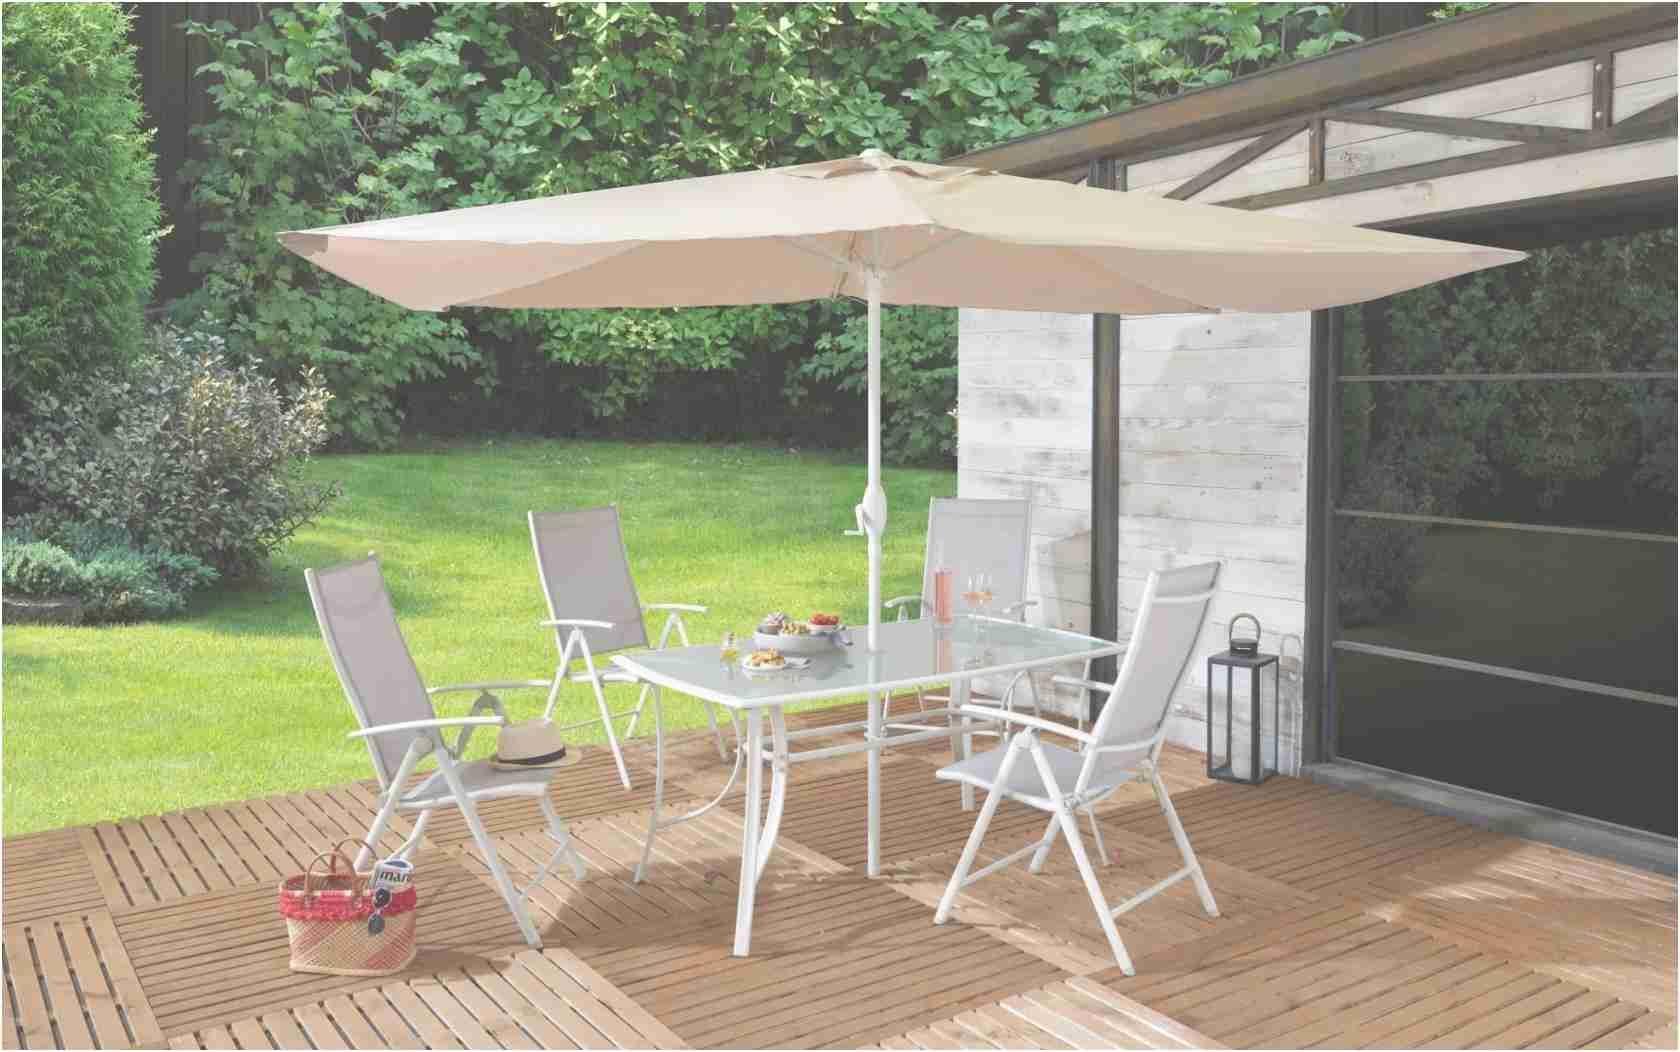 Carrefour Orange Salon De Jardin Qaland For Chaises Longues ... tout Chaise Longue De Jardin Carrefour